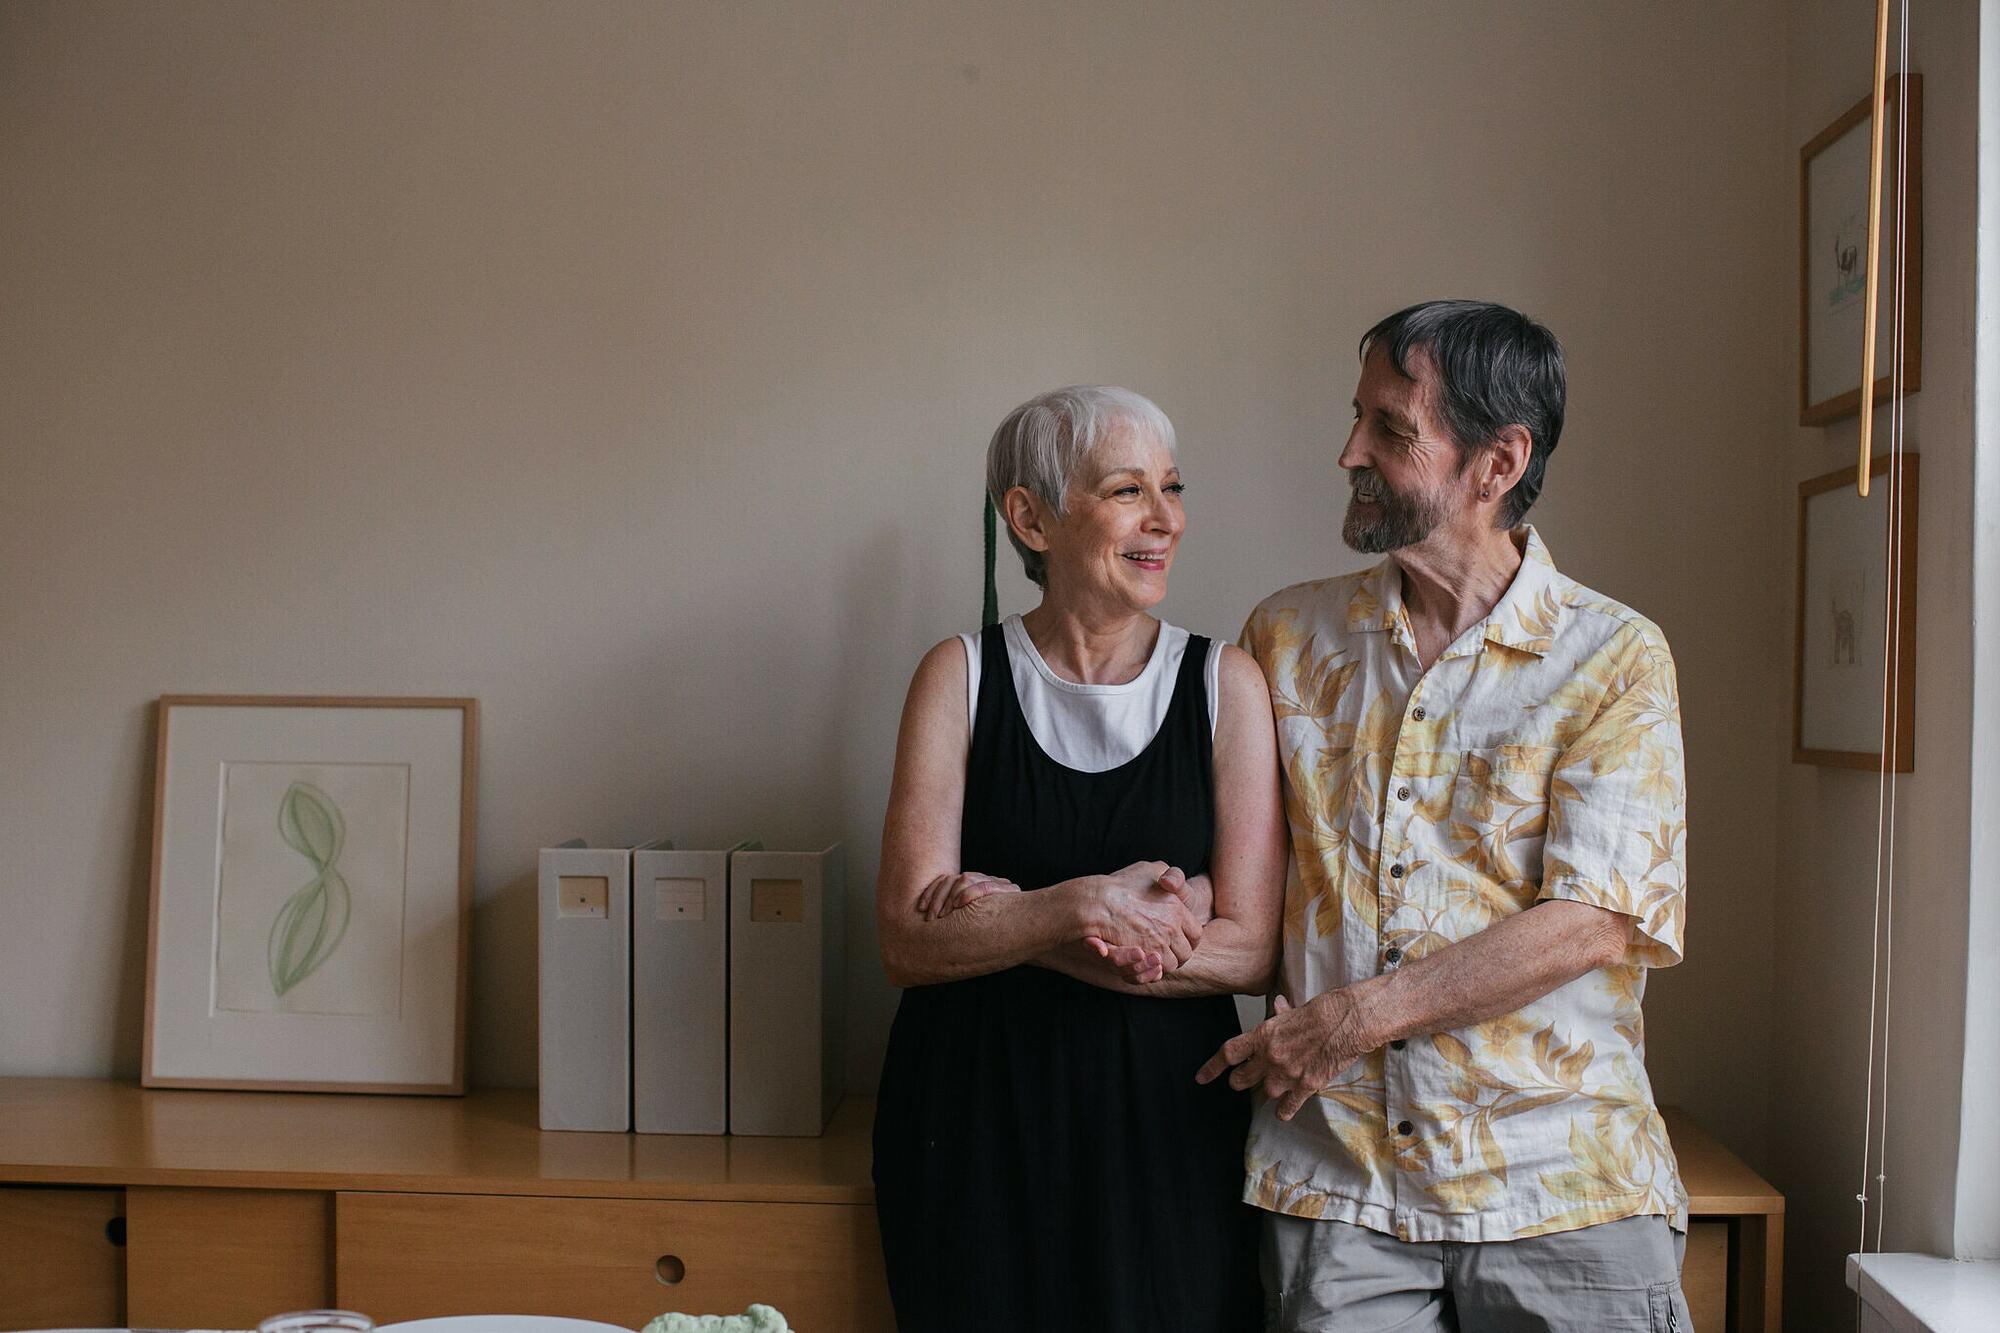 Không sống chung, Spoon và Backe vẫn có mối quan hệ yêu đương lãng mạn và gắn bó. Ảnh: Elizabeth D. Herman/ The New York Times.